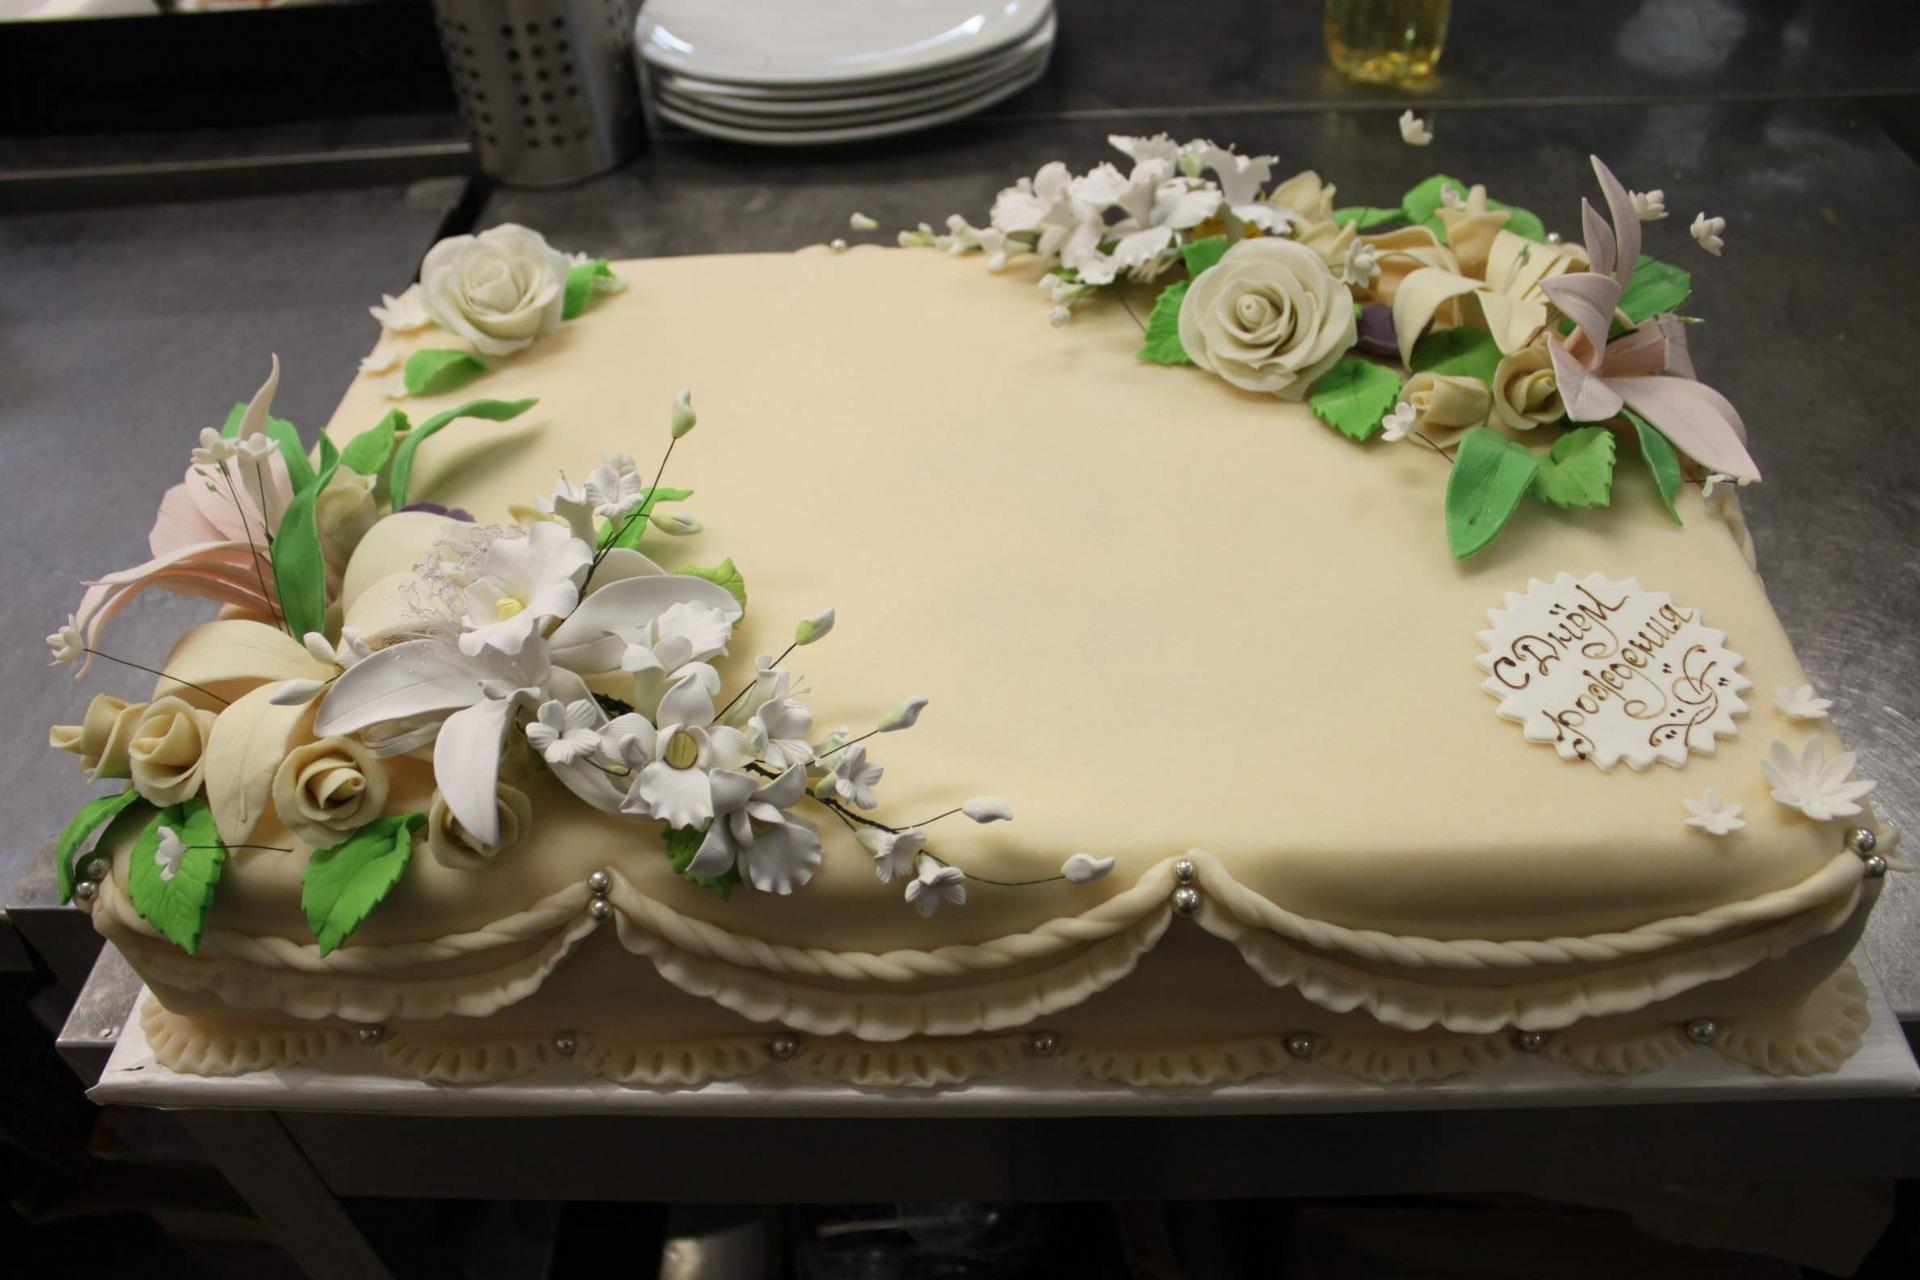 фото торт с юбилеем 50 лет